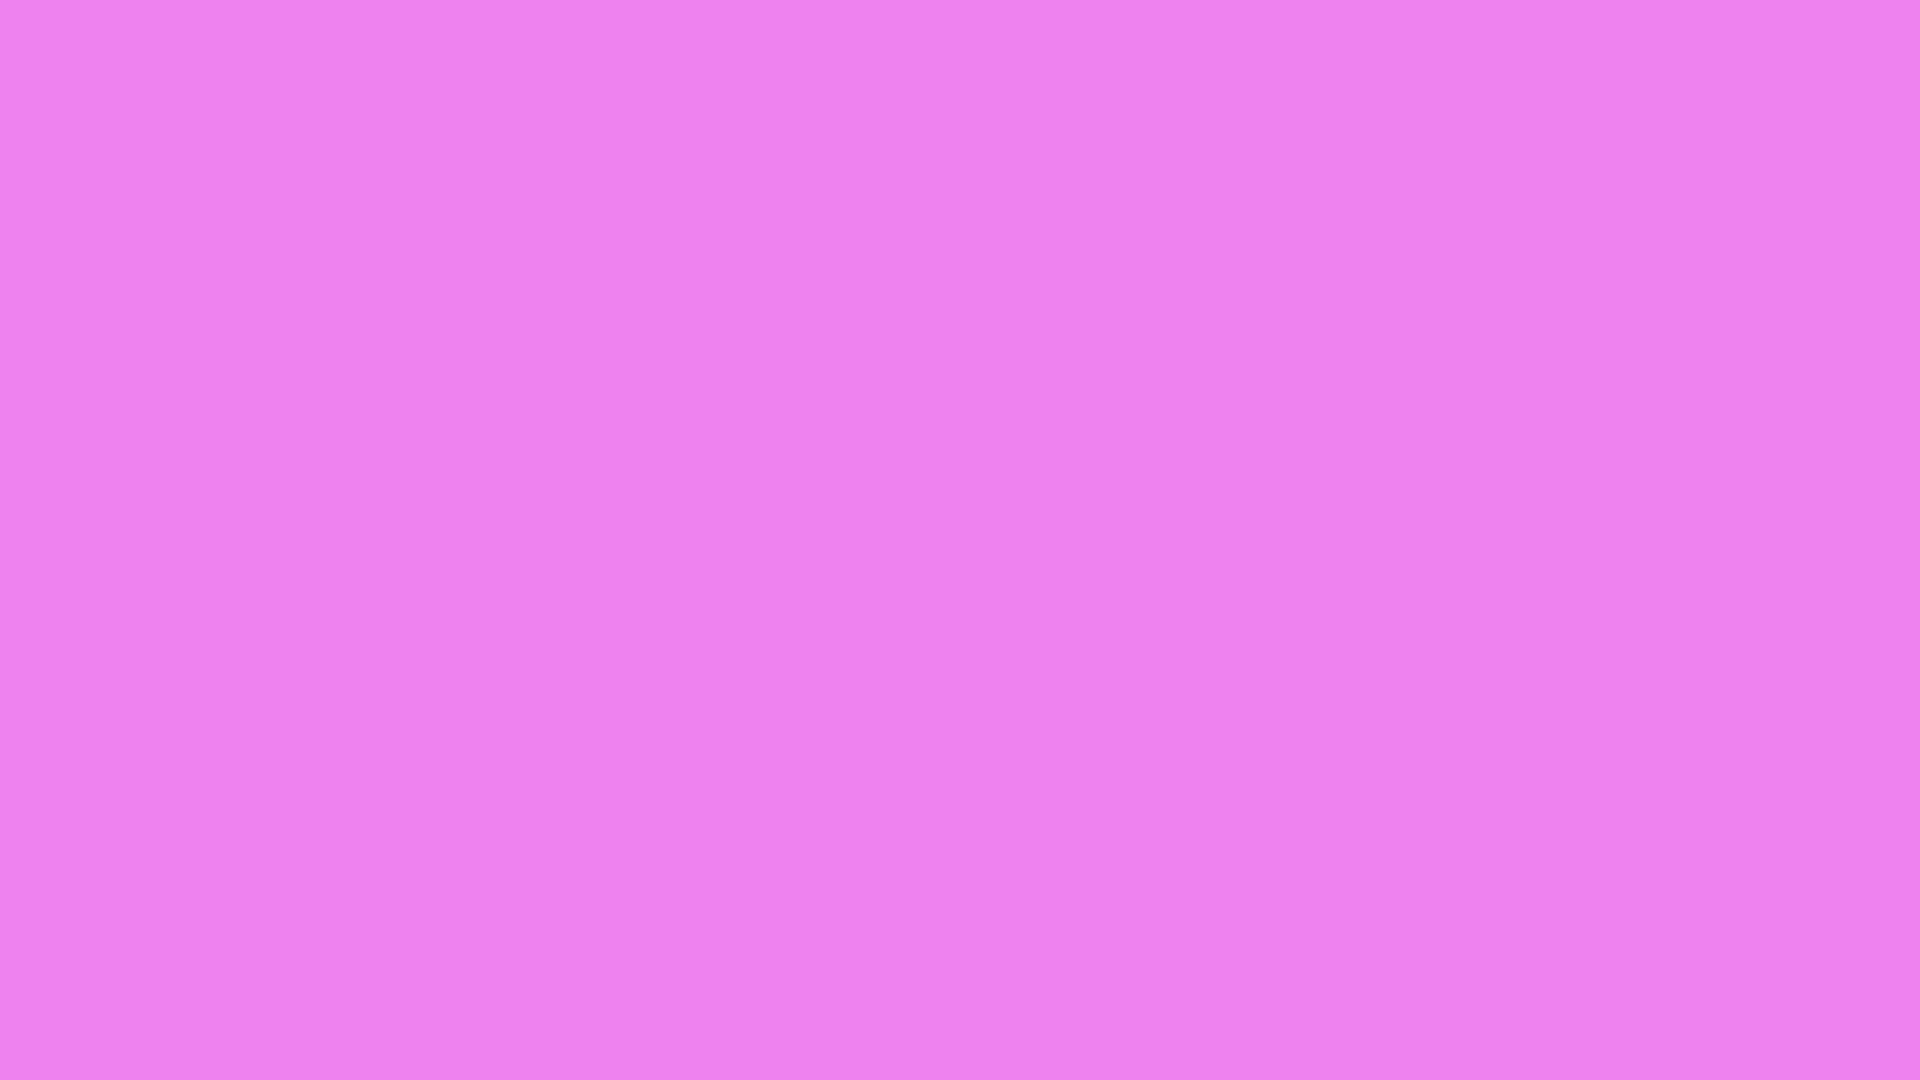 1920x1080 Violet Web Solid Color Background